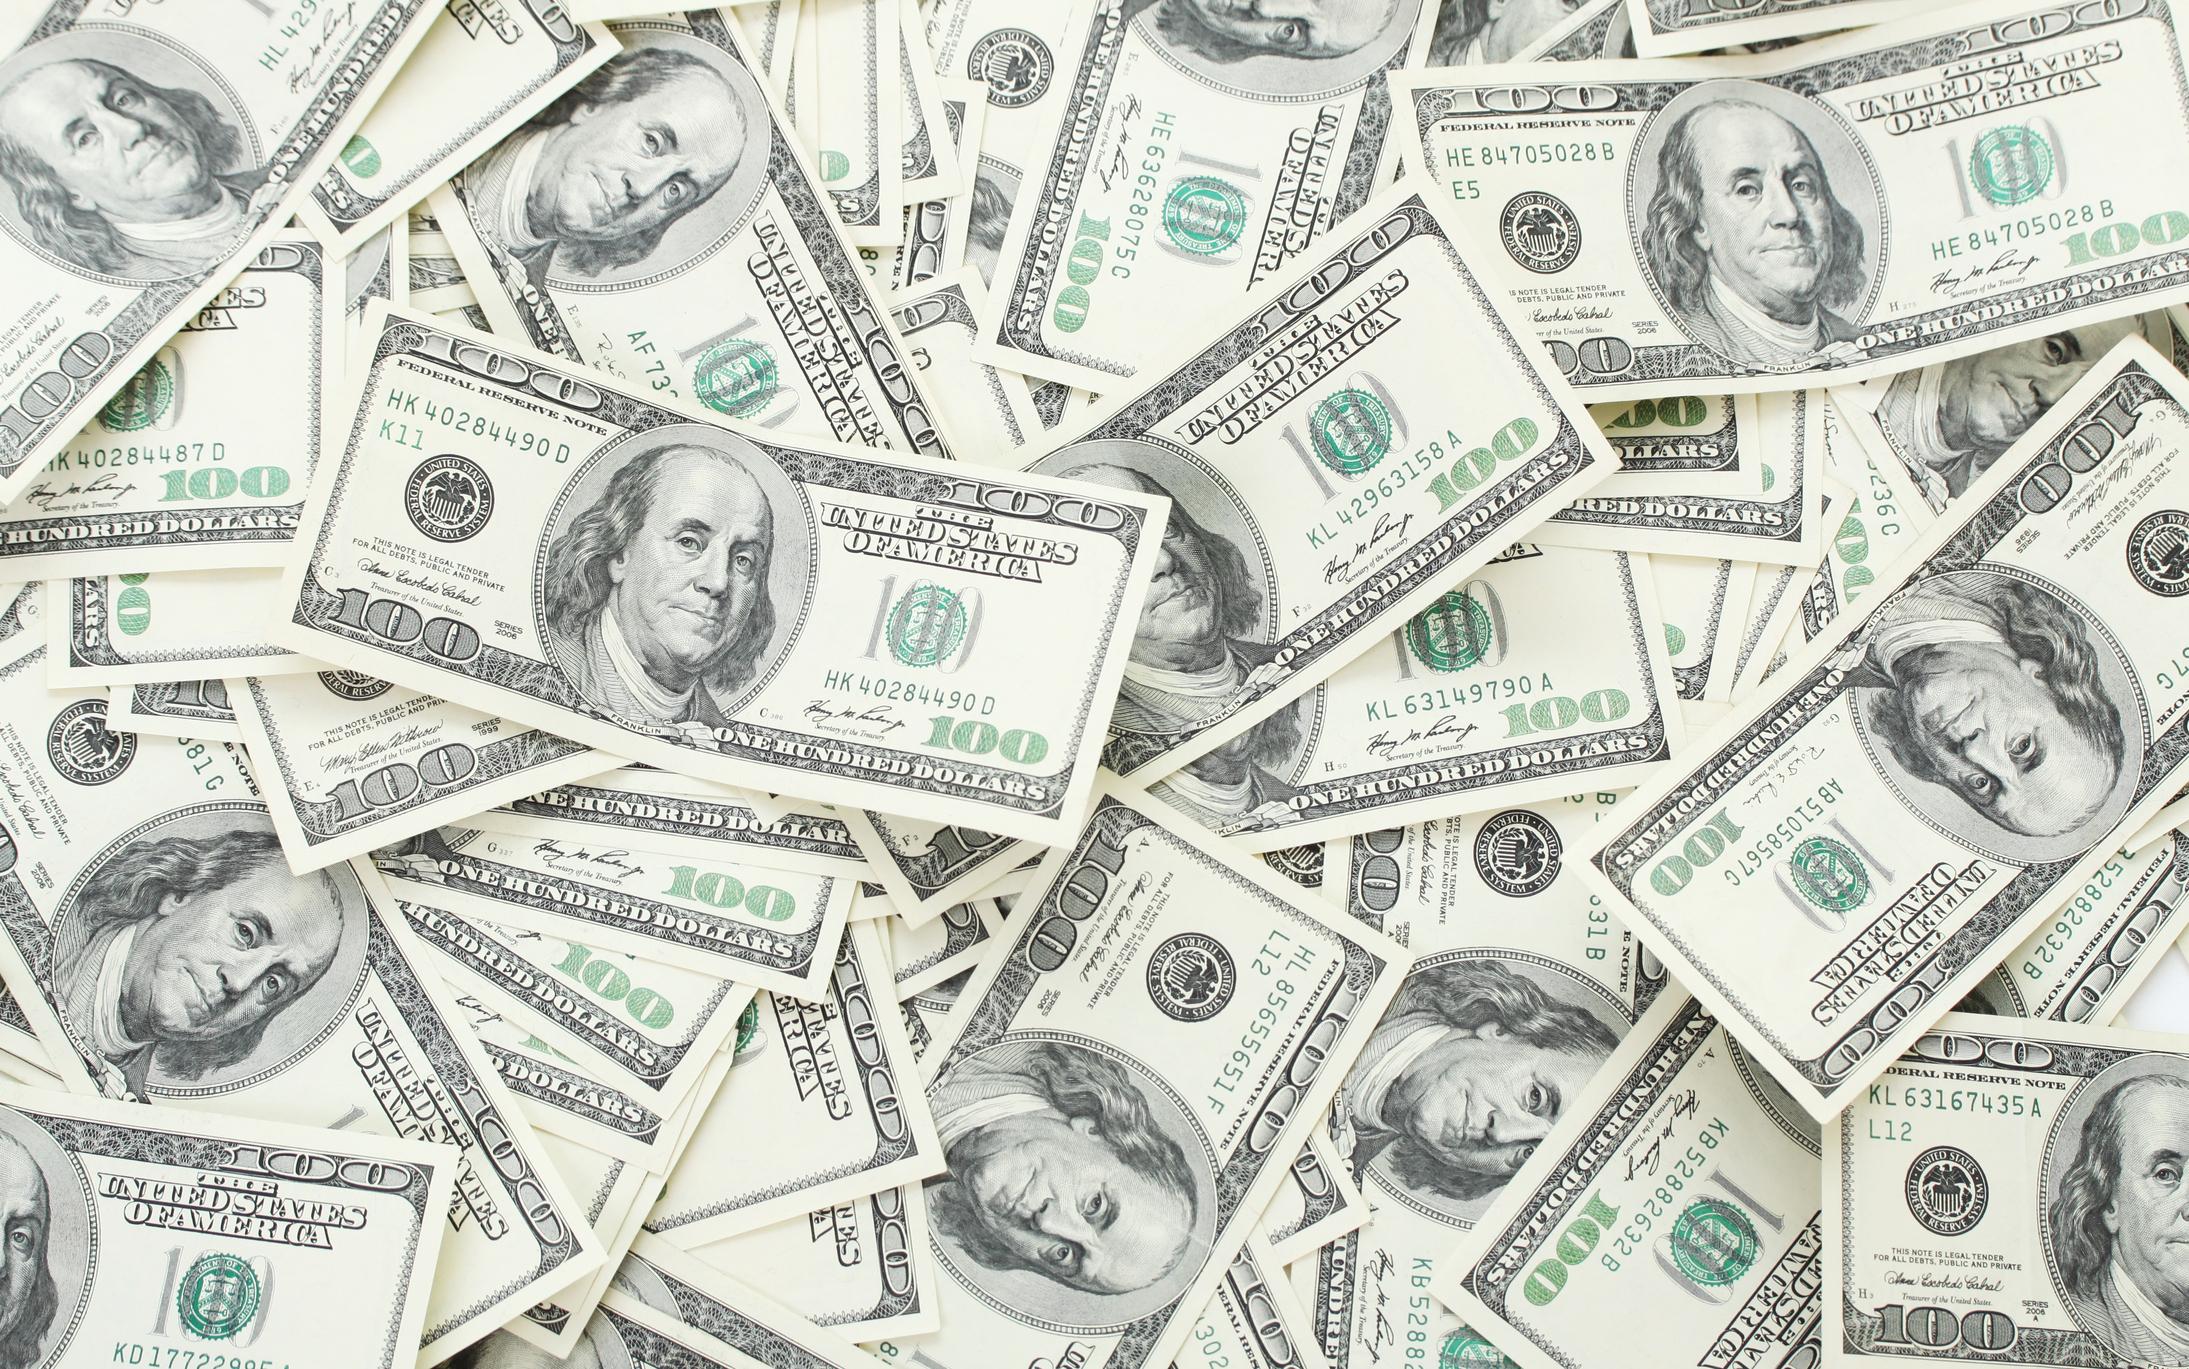 Pile of hundred-dollar bills.